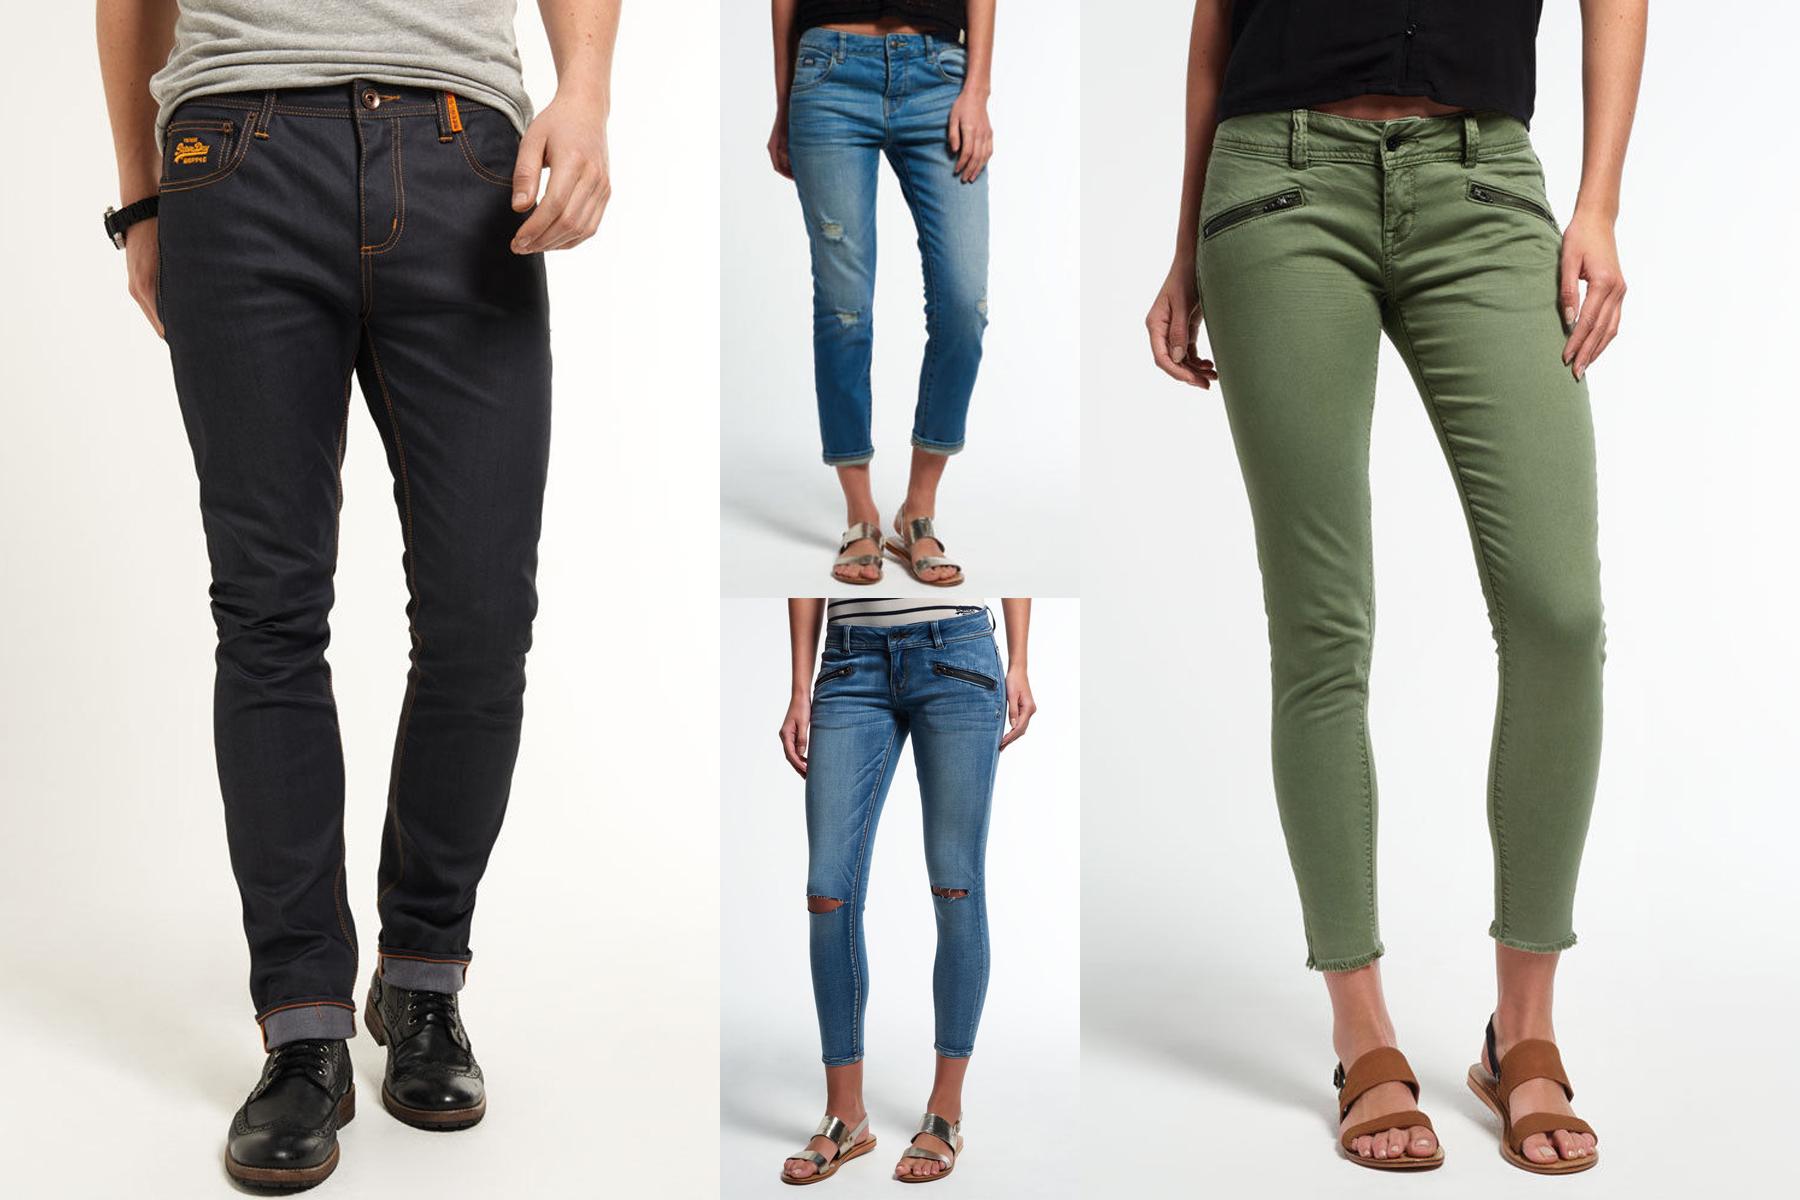 fa66f5a00a7404 Sentinel Neue Superdry für Männer und Frauen Jeans Versch. Modelle und  Farben 2301